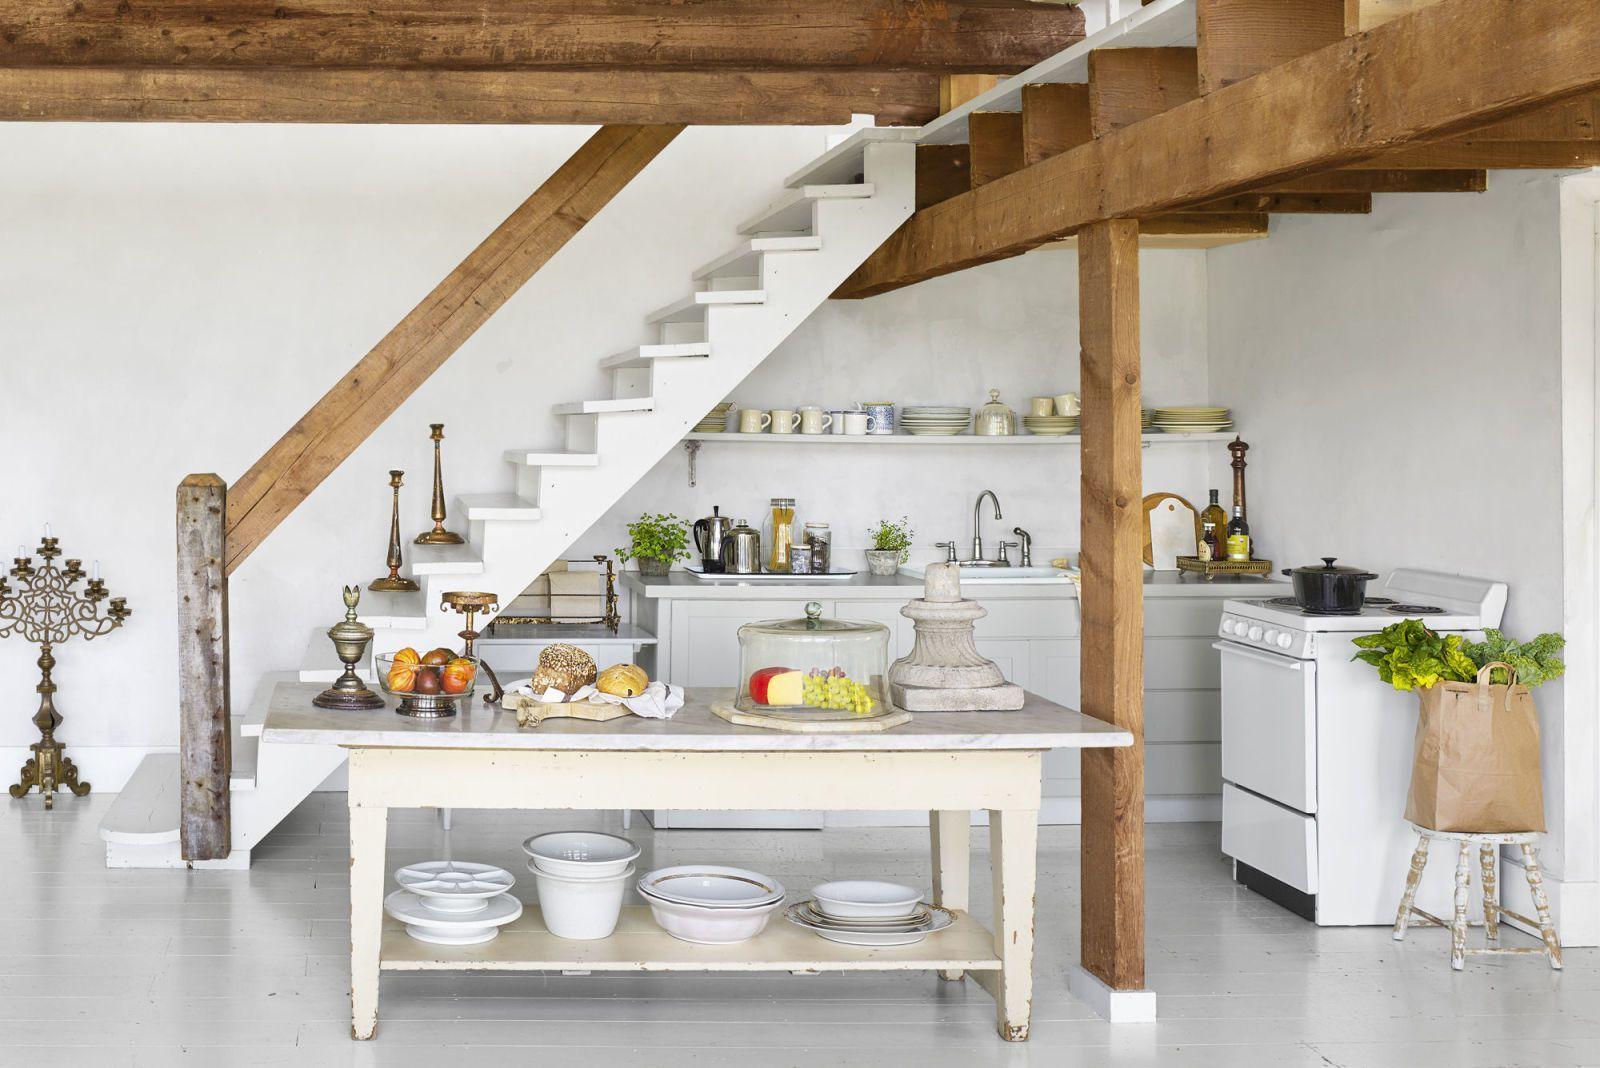 kitchen island ideas antique table & 55+ Best Kitchen Island Ideas - Stylish Designs for Kitchen Islands